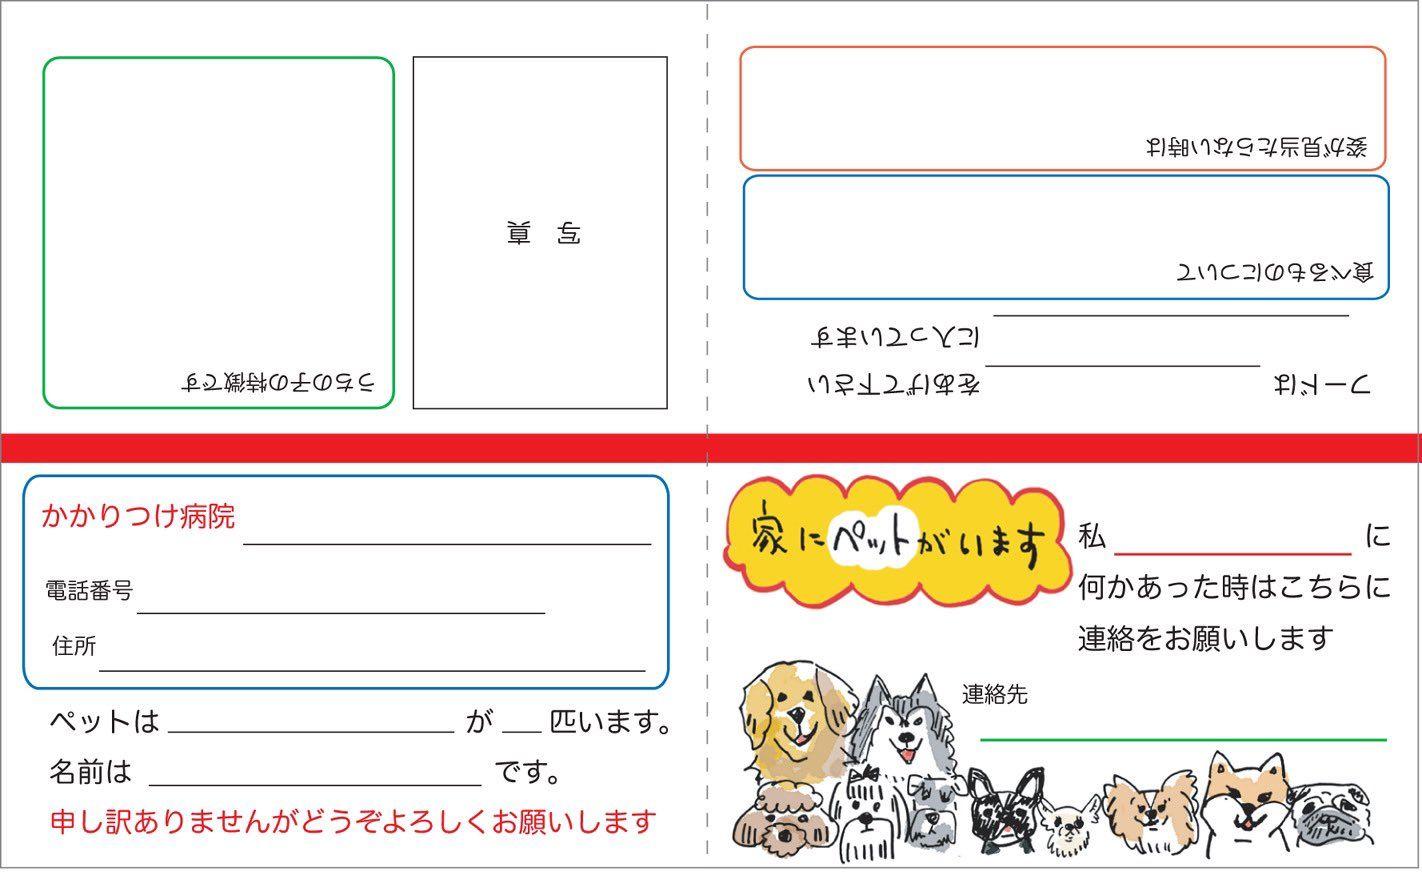 ハセガワ アヤ On Twitter Blog Posts Notes Map